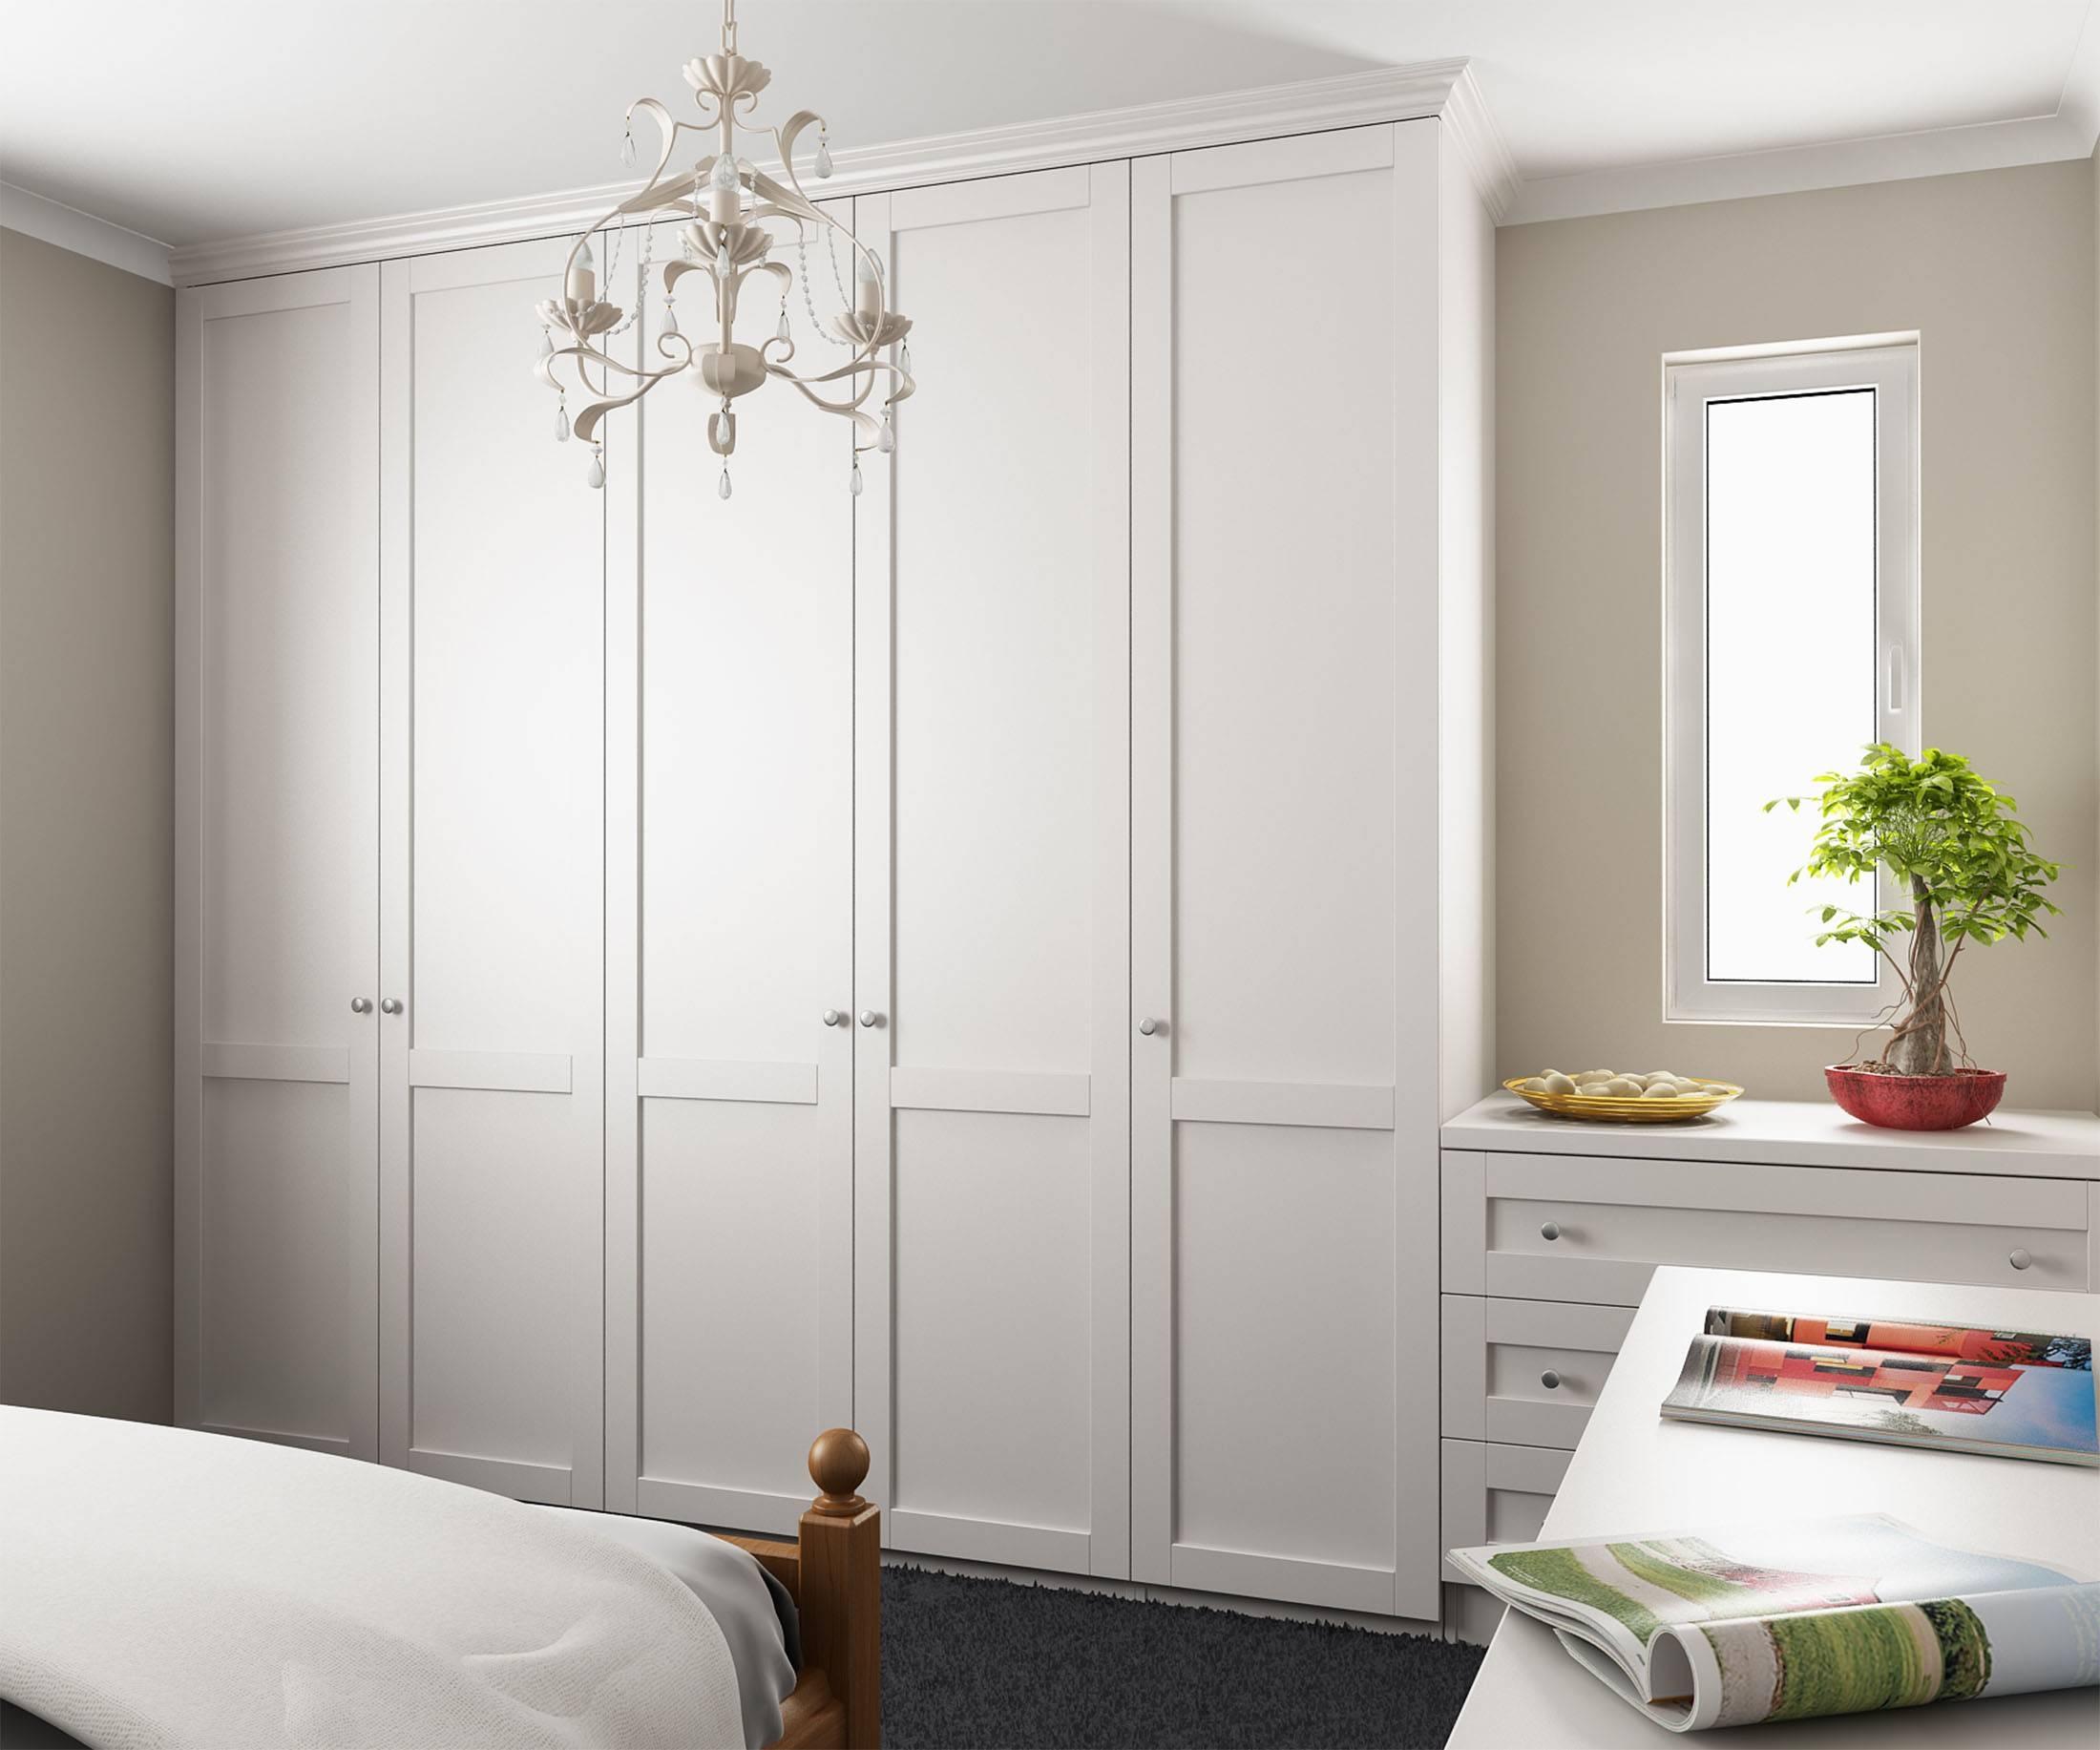 5 Door Wardrobe Bedroom Furniture | Hallway Furniture Ideas in 5 Door Wardrobes Bedroom Furniture (Image 1 of 15)